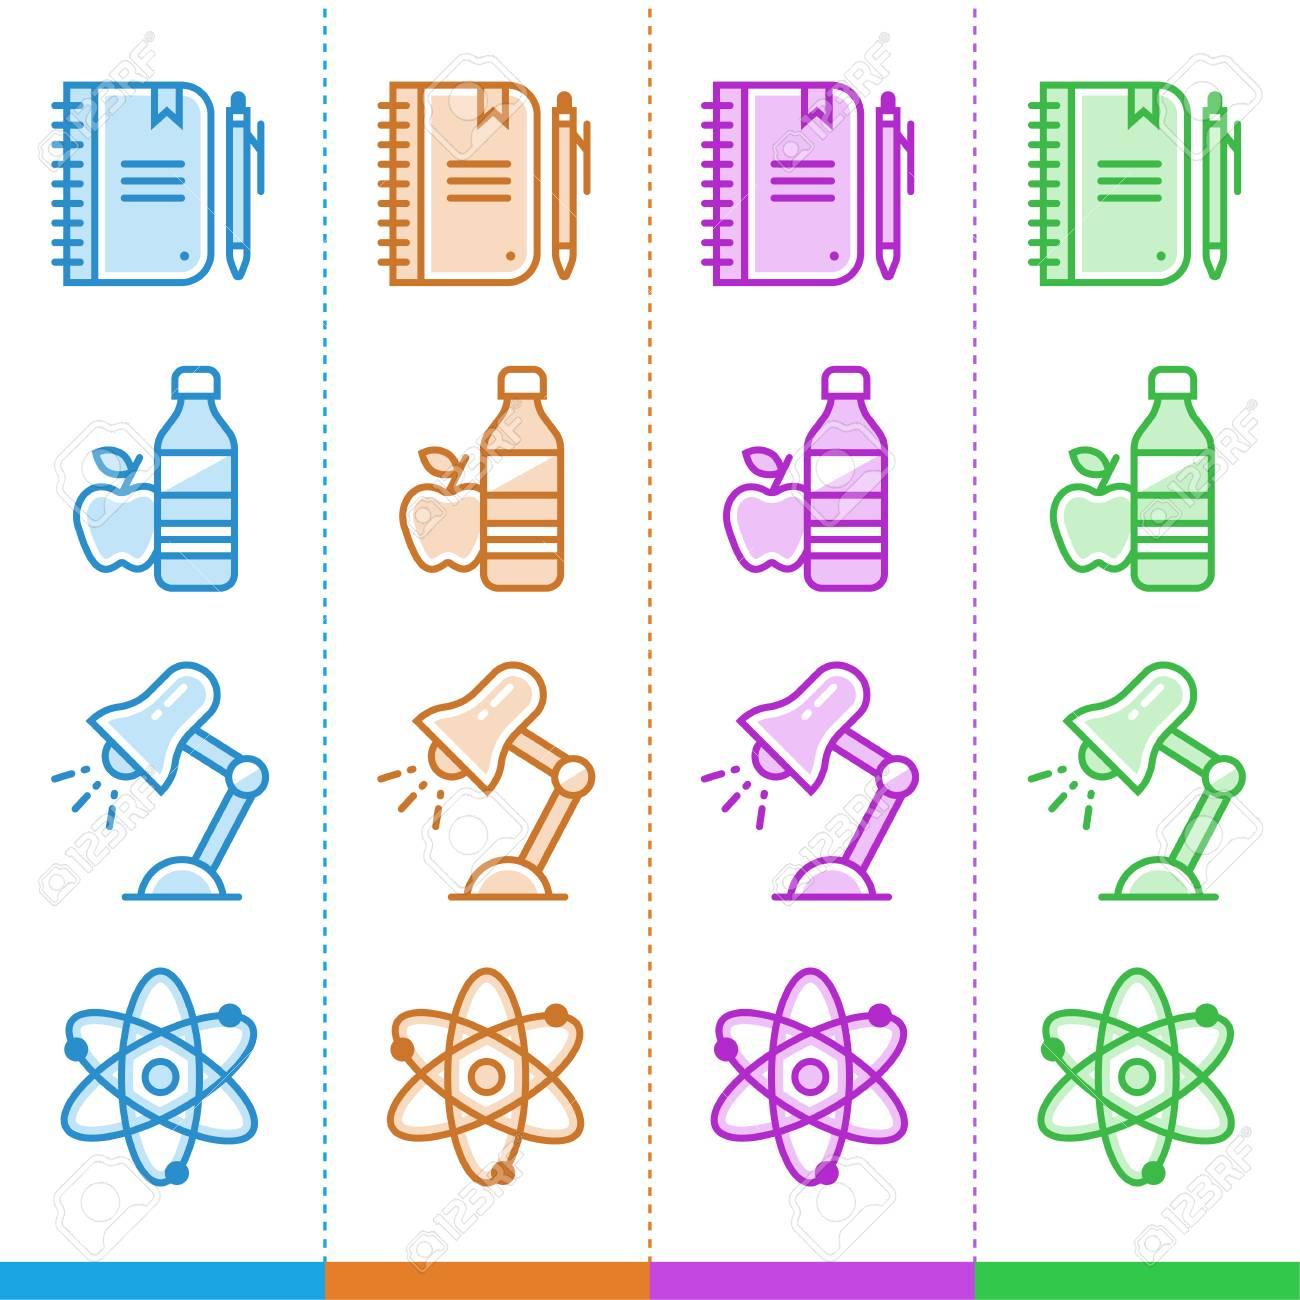 f538753b899cd Foto de archivo - Vector conjunto de iconos lineales para la escuela y la  educación en diferentes colores. Adecuado para sitios web